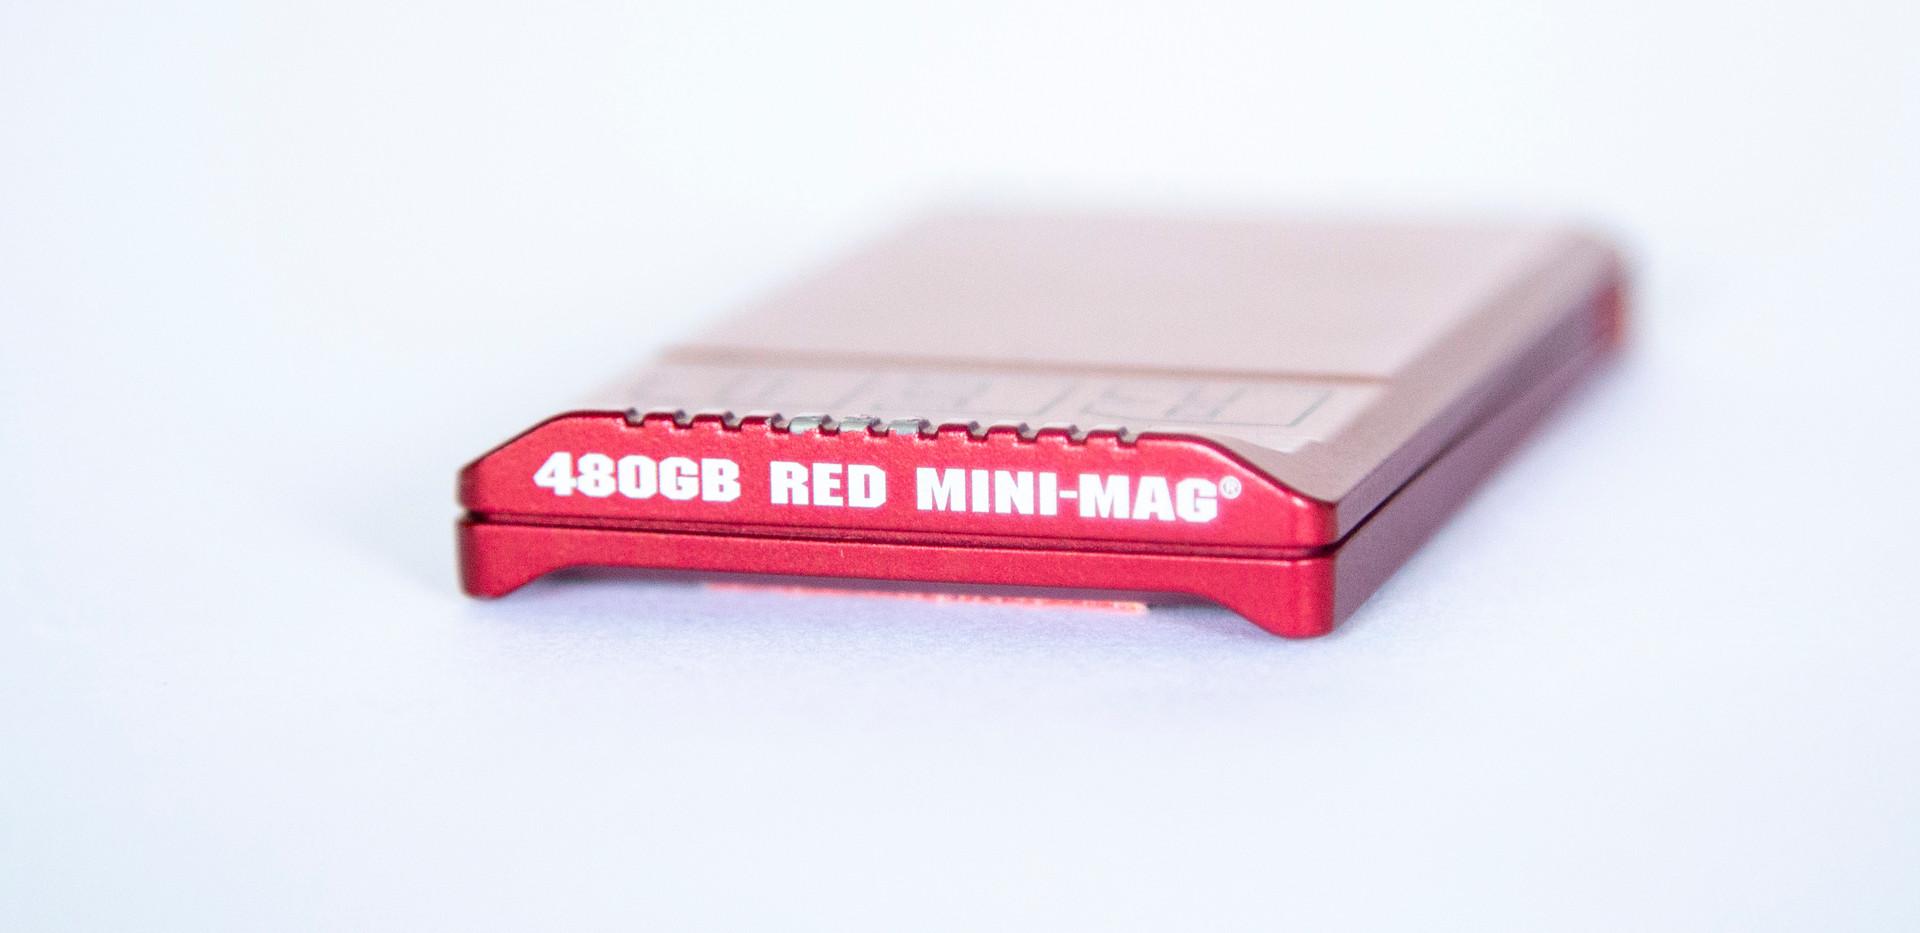 480 GB mini mag